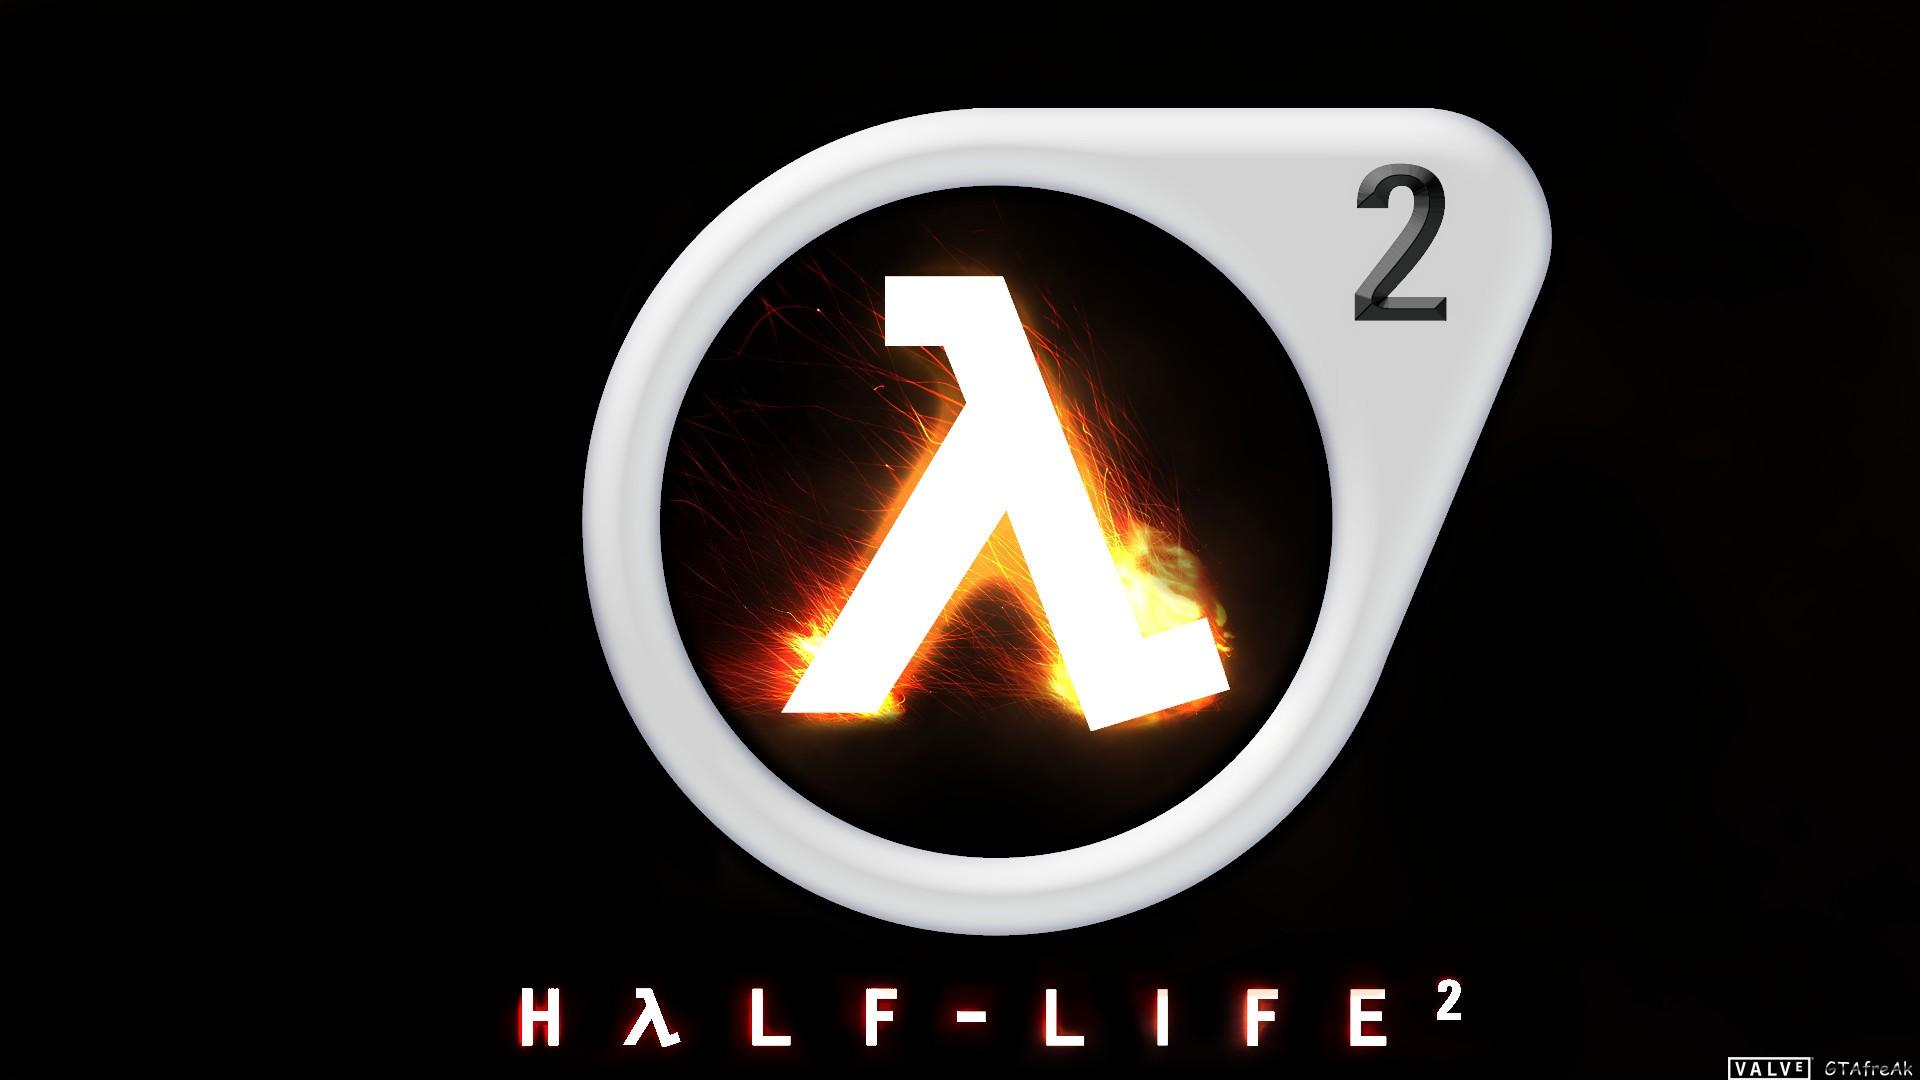 Half Life 2 Walpaper: Half Life 2 Wallpaper ·① Download Free Beautiful Full HD